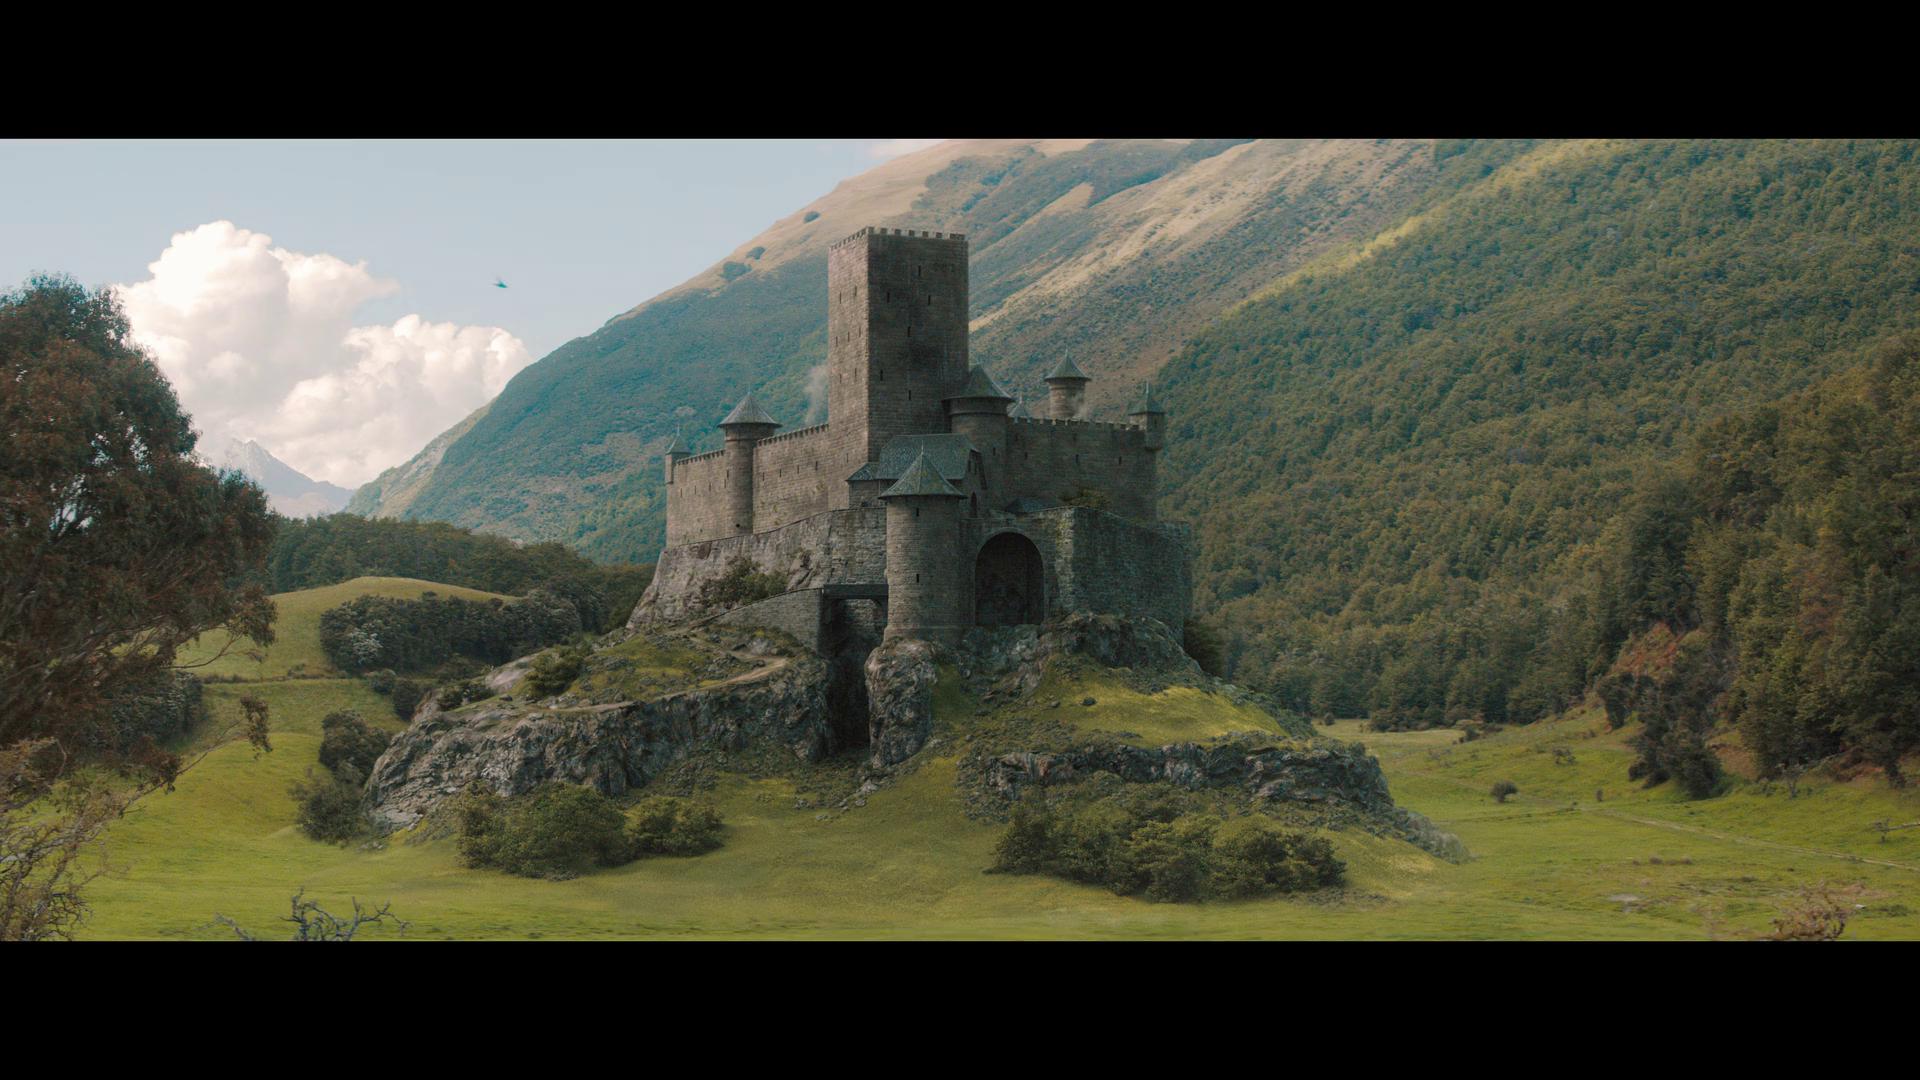 Письмо королю  (1 сезон: 1-6 серии из 6) (2020) WEBRip 1080p   Невафильм